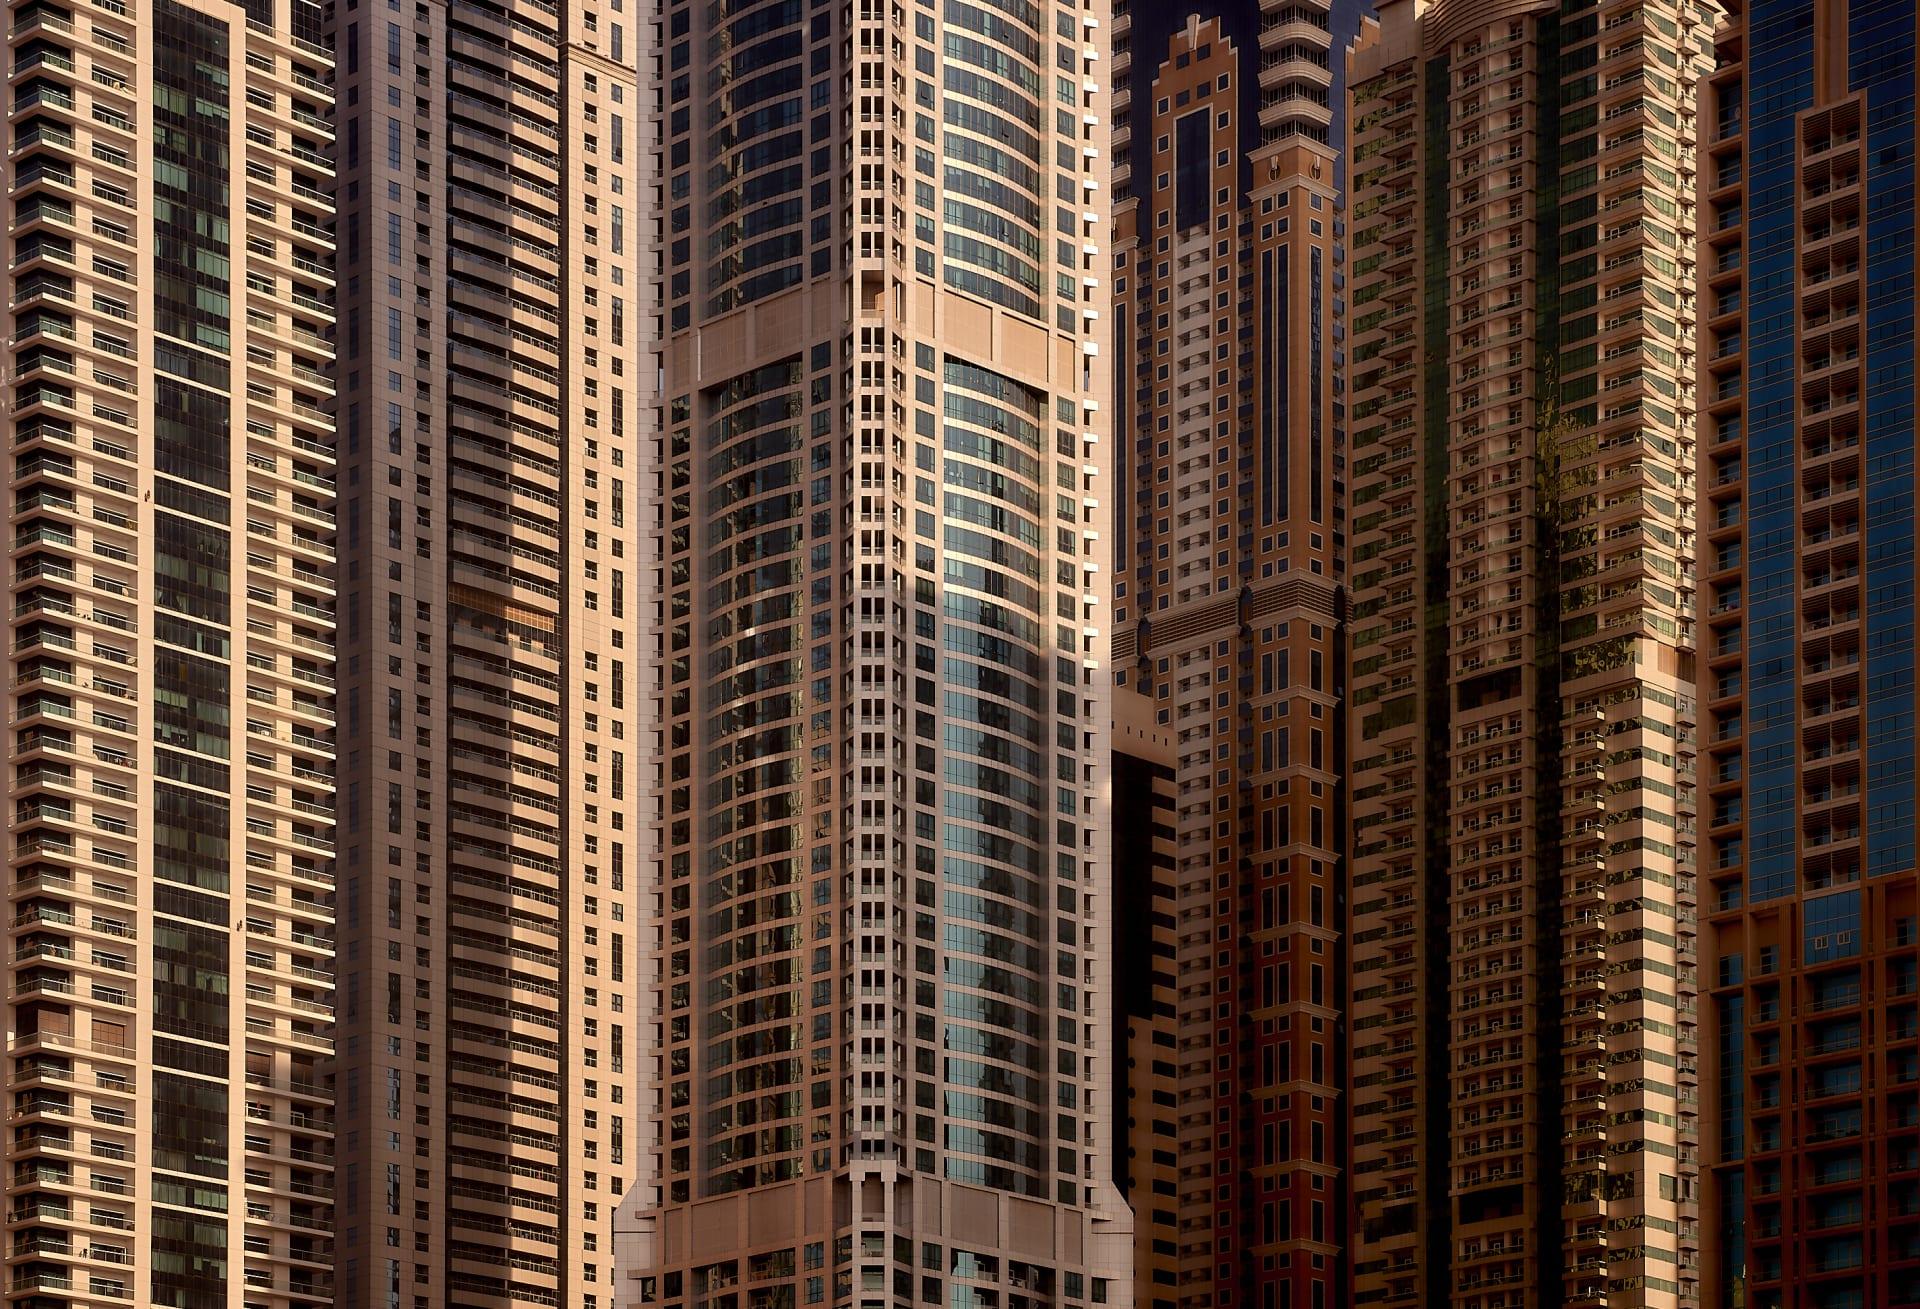 بمختلف درجات اللون الذهبي.. مصور يُعيد استكشاف جمال ناطحات سحاب دبي